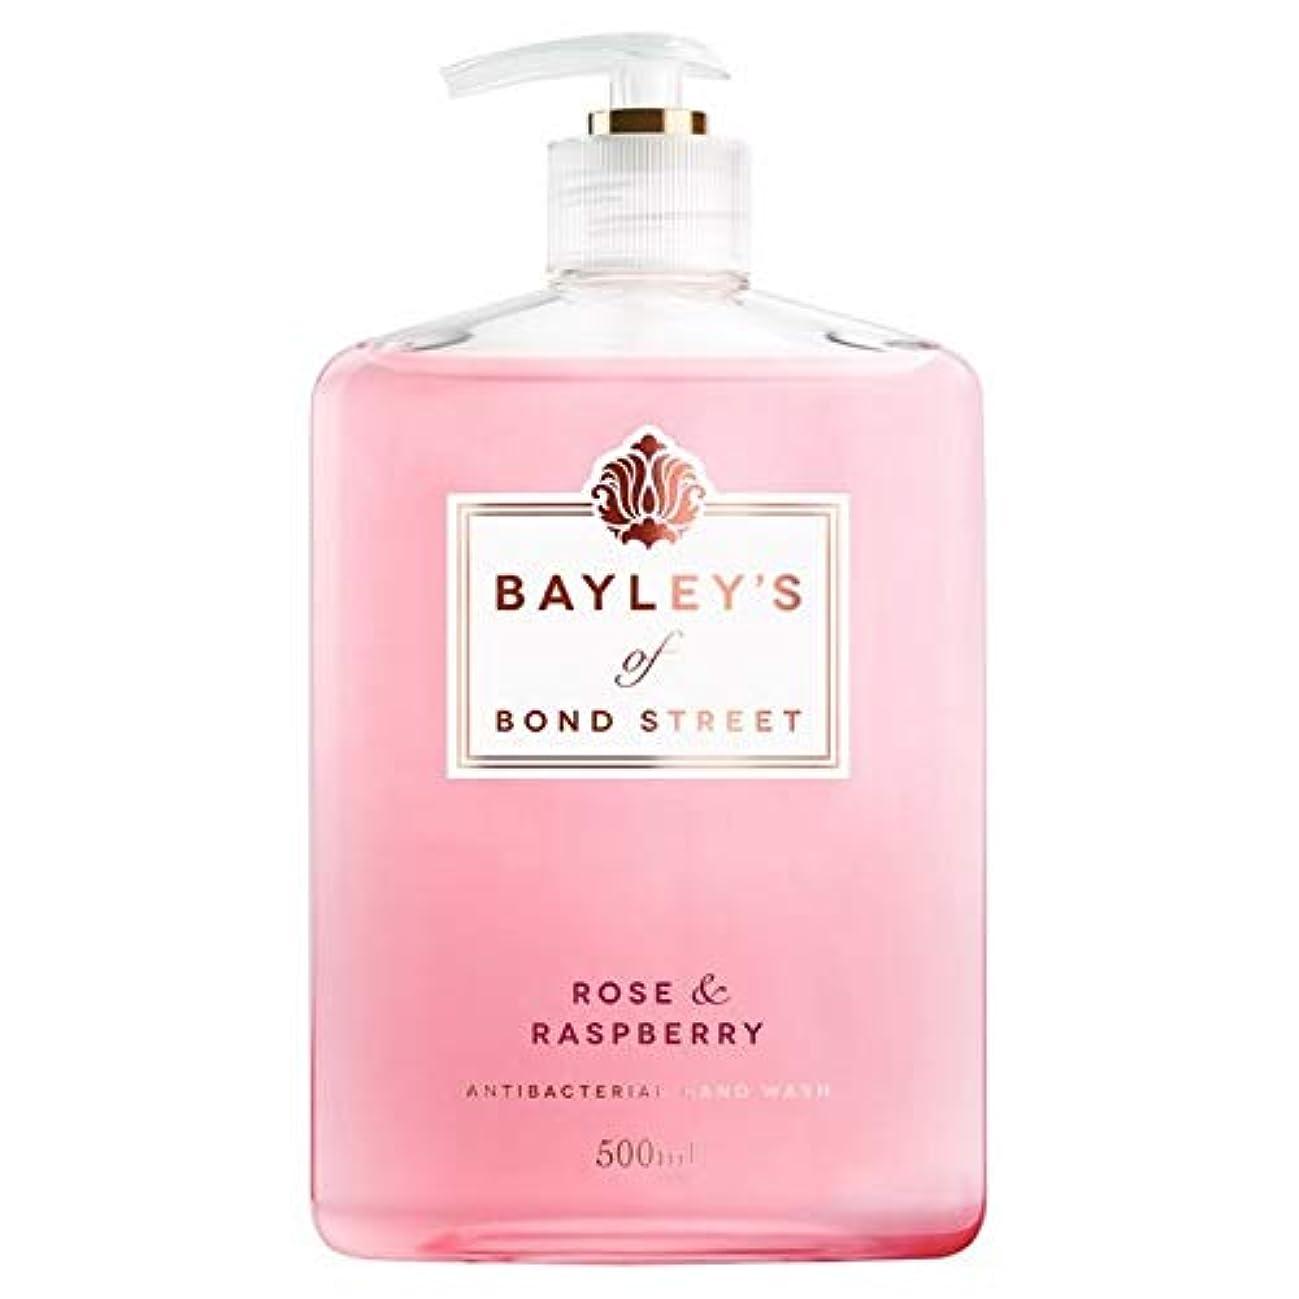 息苦しいアルバムかもめ[Bayley's of Bond Street ] ベイリーのボンドストリートのは、ローズ&ラズベリーのハンドウォッシュ500ミリリットル - Bayley's of Bond Street Rose & Raspberry...